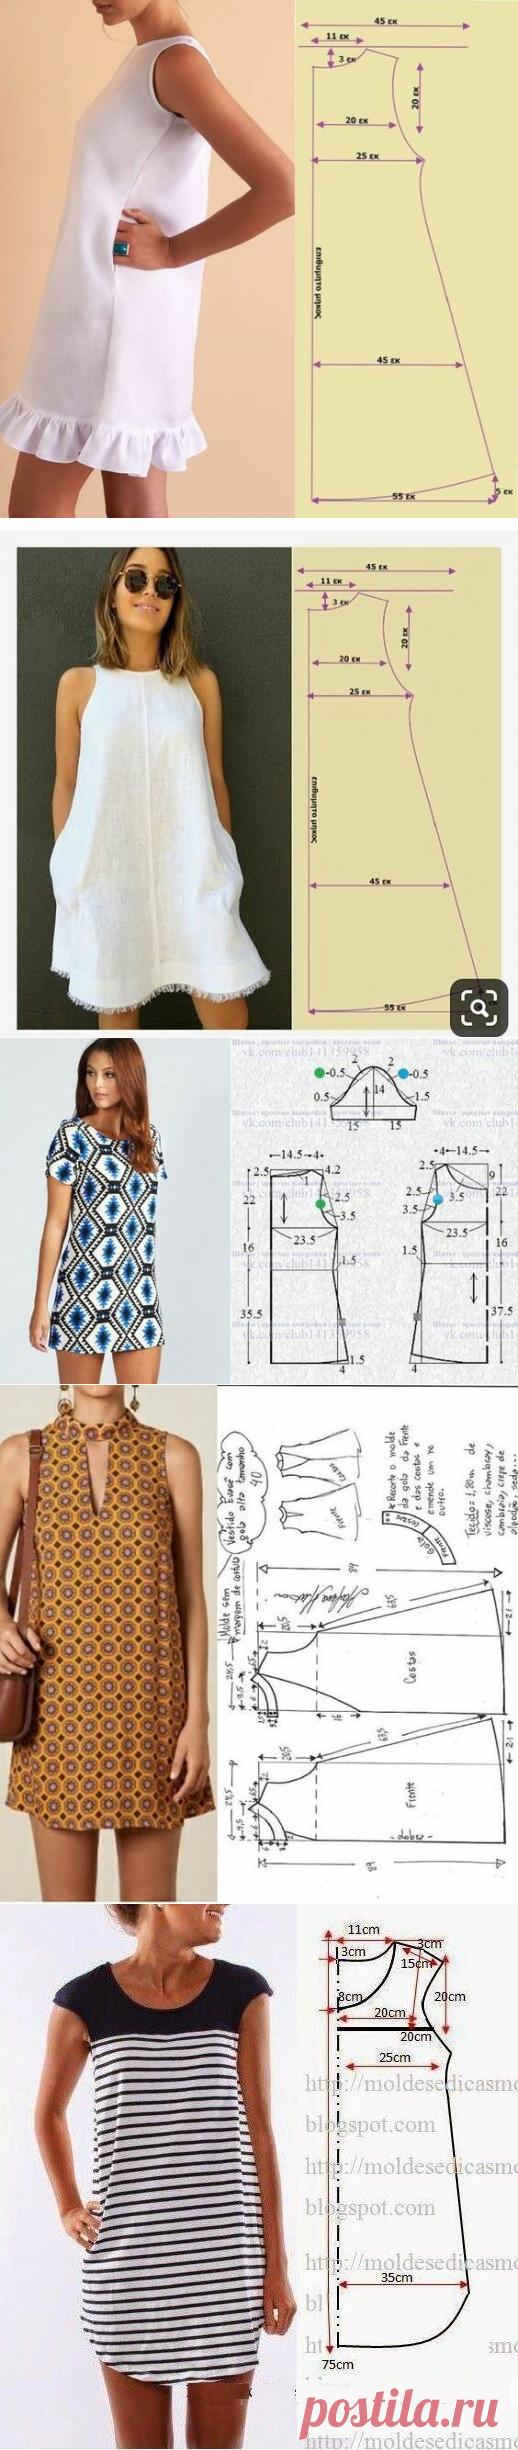 БЕРИ И ШЕЙ: Из одной простой выкройки шьем 5 разных моделей летнего платья. | Швейный омут | Яндекс Дзен